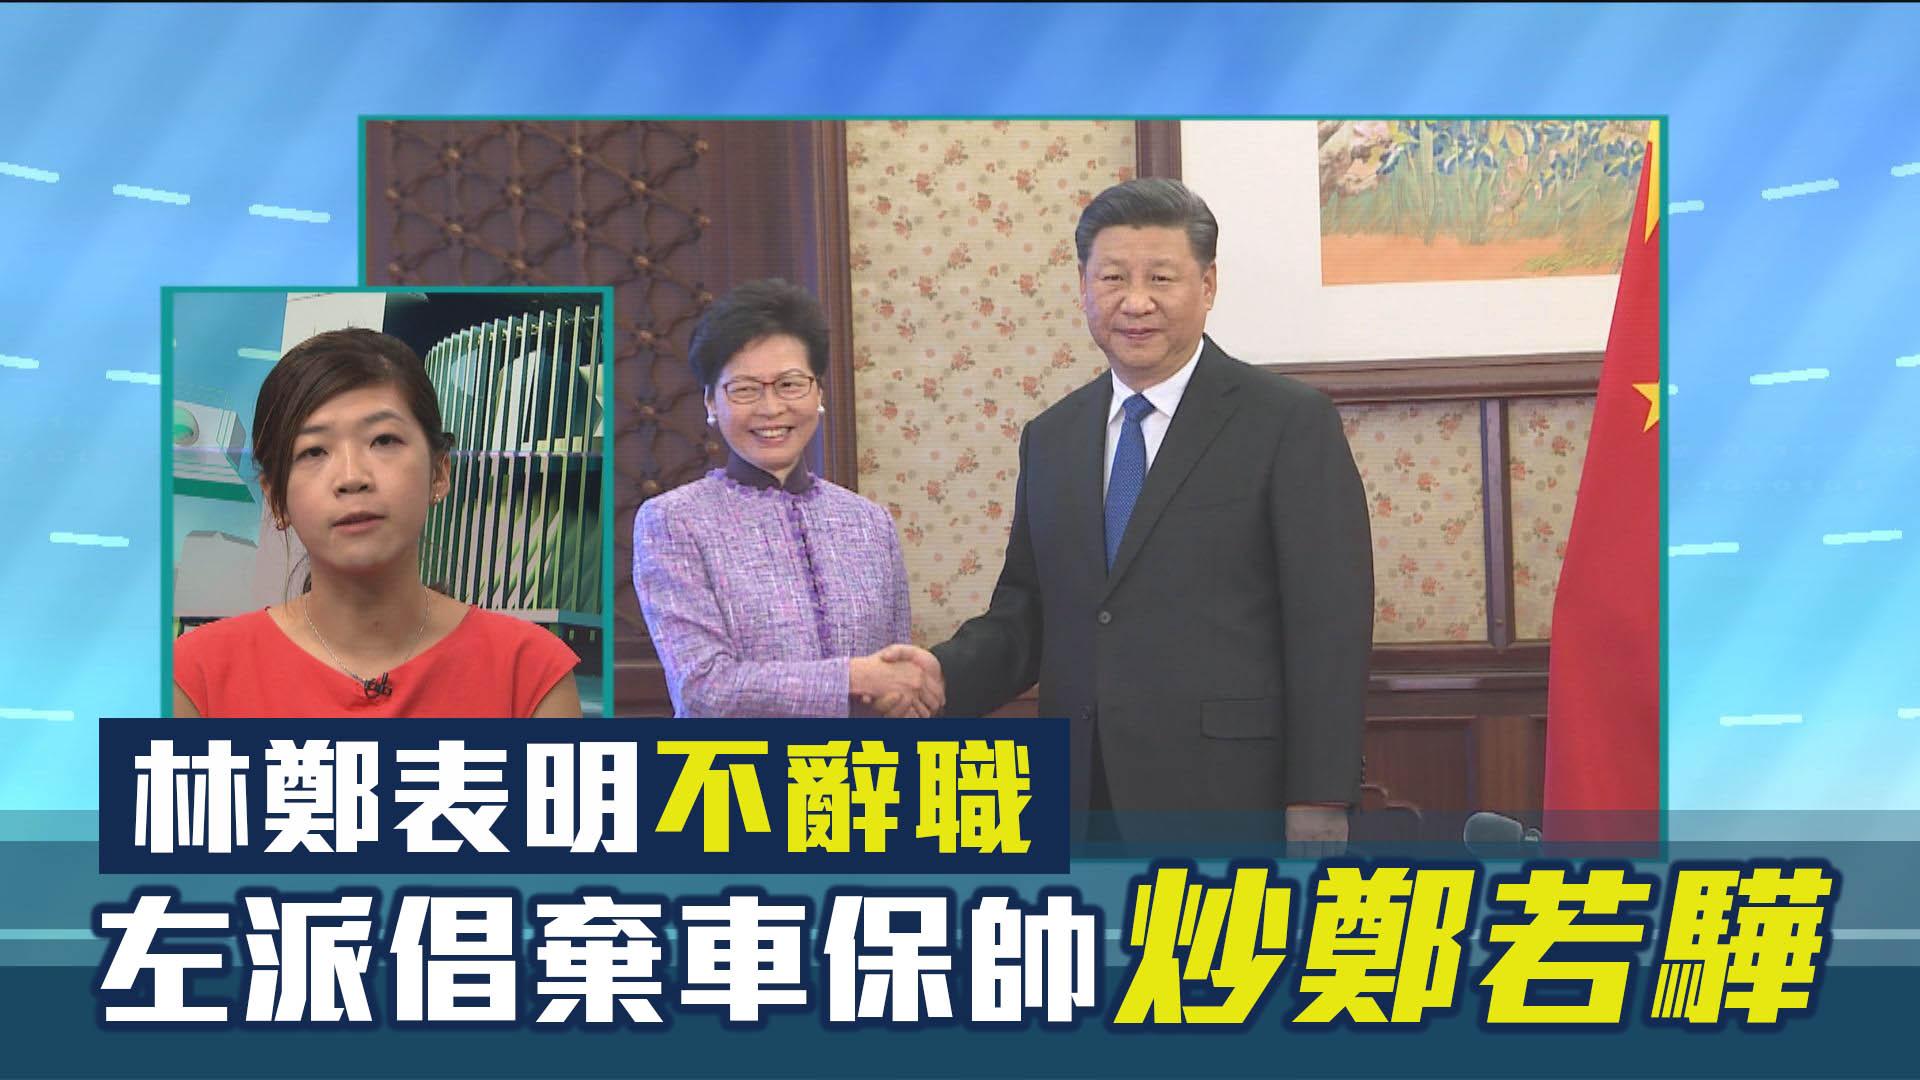 【政情】林鄭表明不辭職 左派倡棄車保帥炒鄭若驊